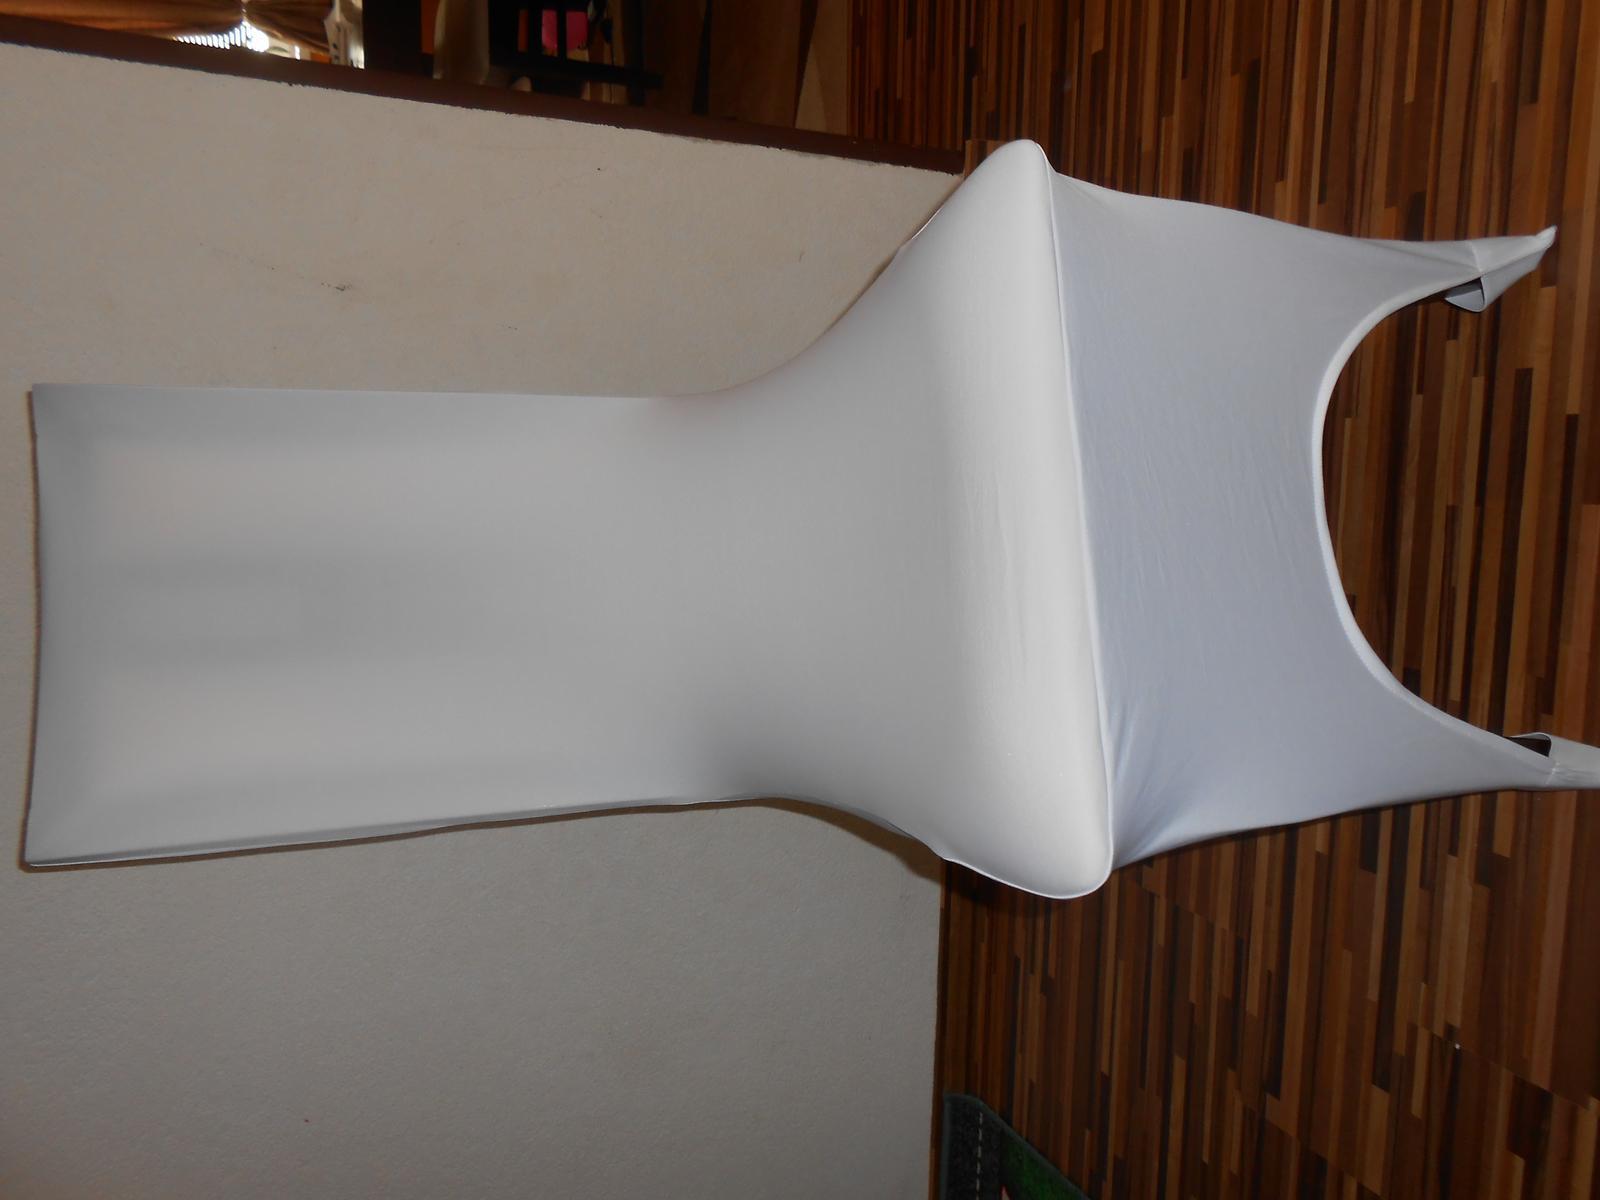 00139de1063e Spandexové návleky na stoličky predaj